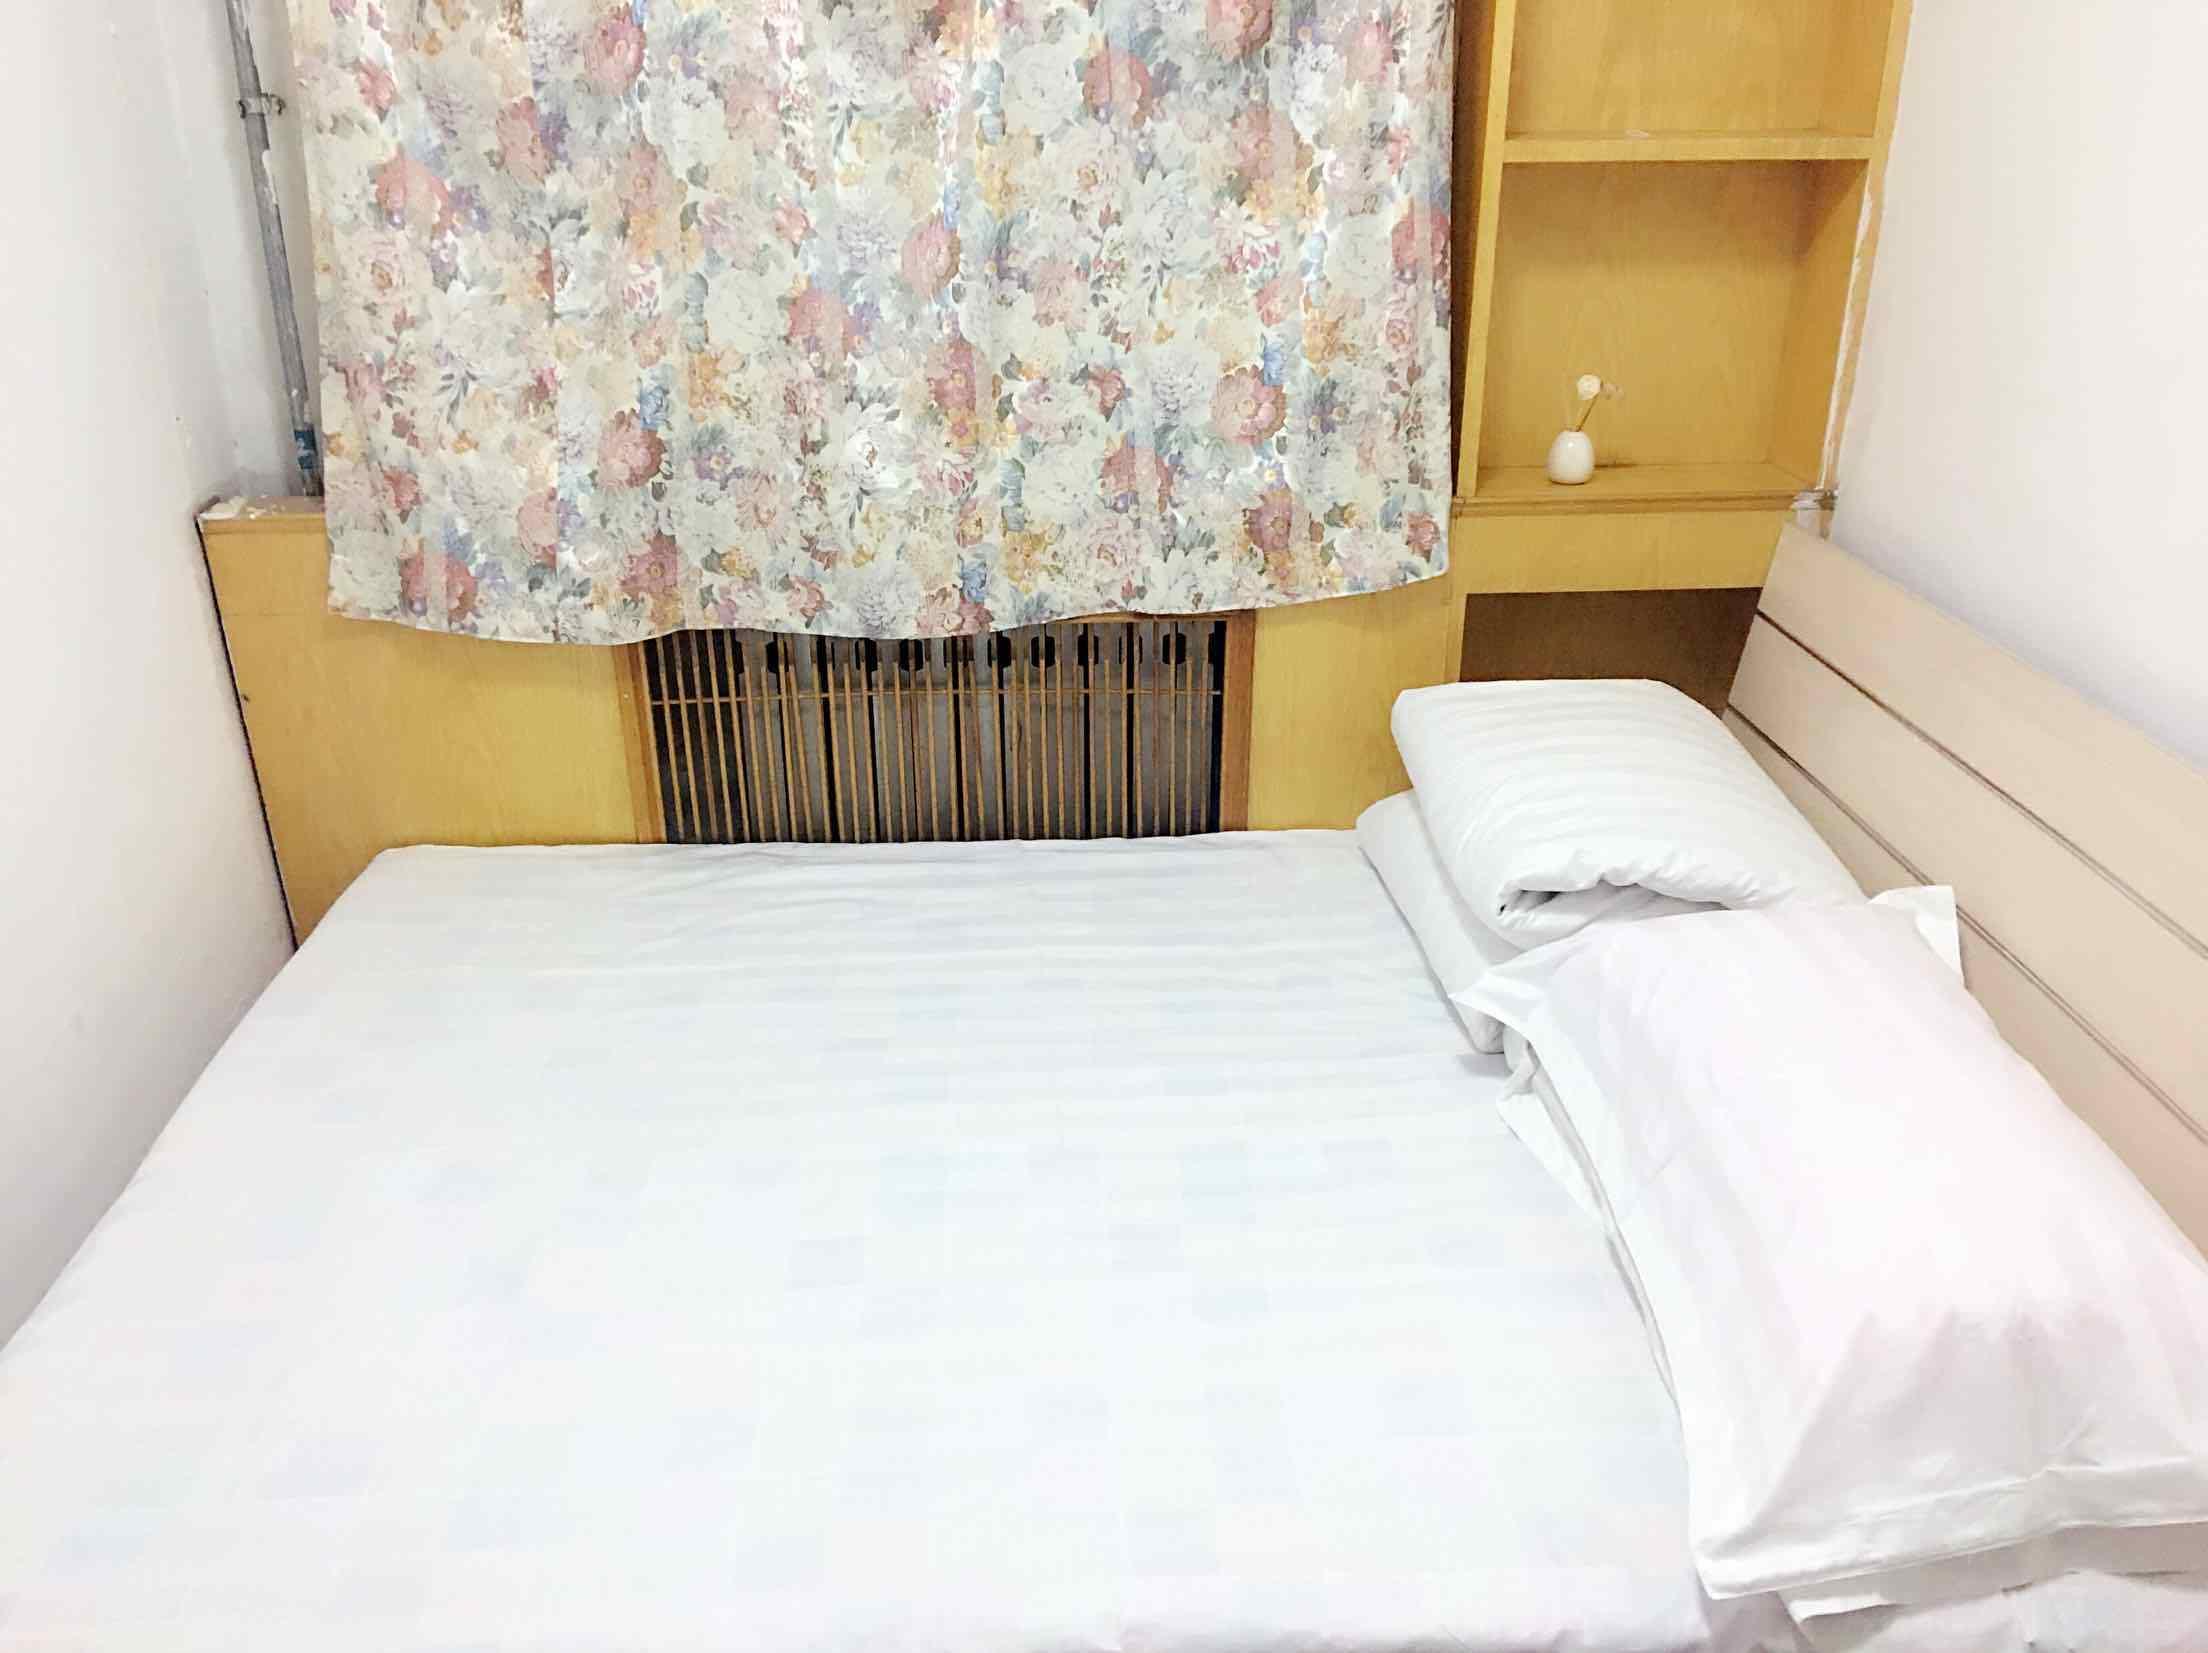 安贞途家公寓旅馆预订/团购